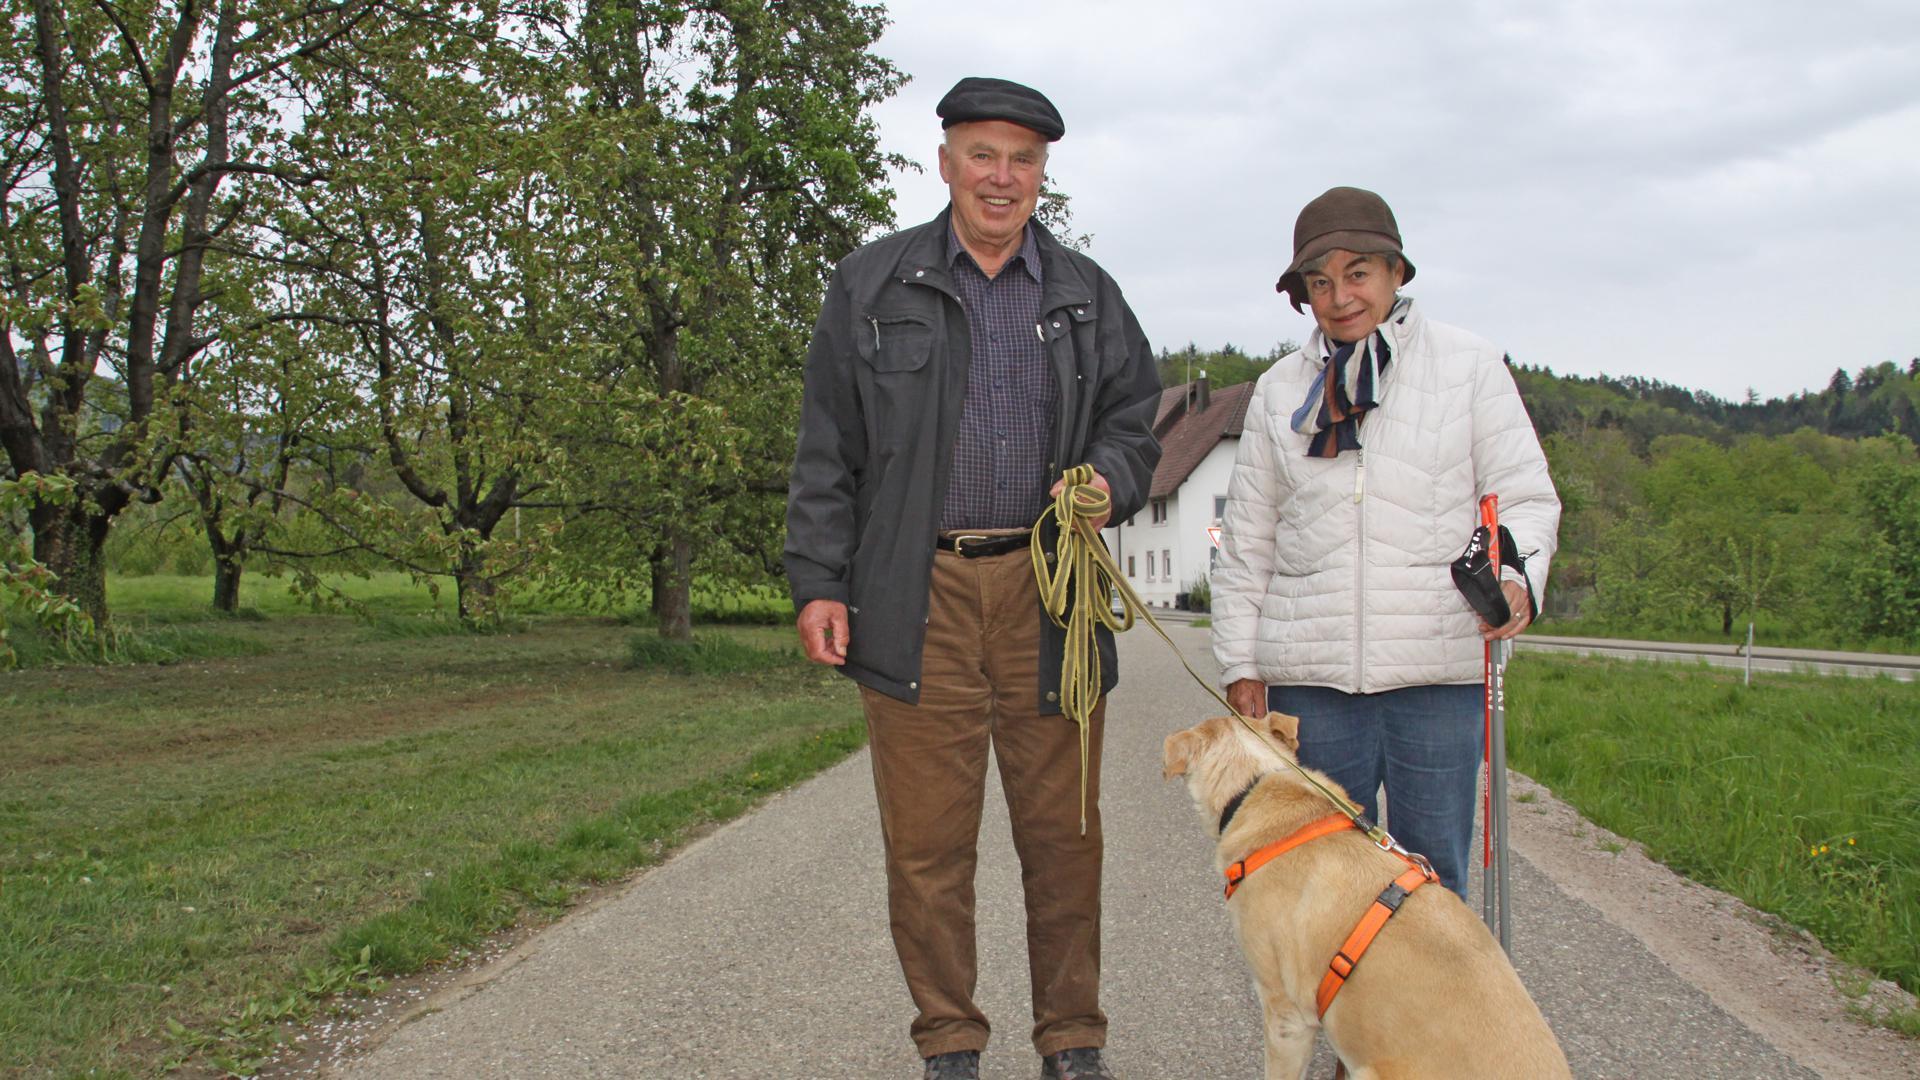 Seit Jahrzehnten gehören Hunde zum Leben von Gretel und Rüdiger Hahn. Das Ehepaar aus Achern ist aber auch noch bereit, mit dem Hundeführerschein dazu zu lernen. Foto: Michael Brück